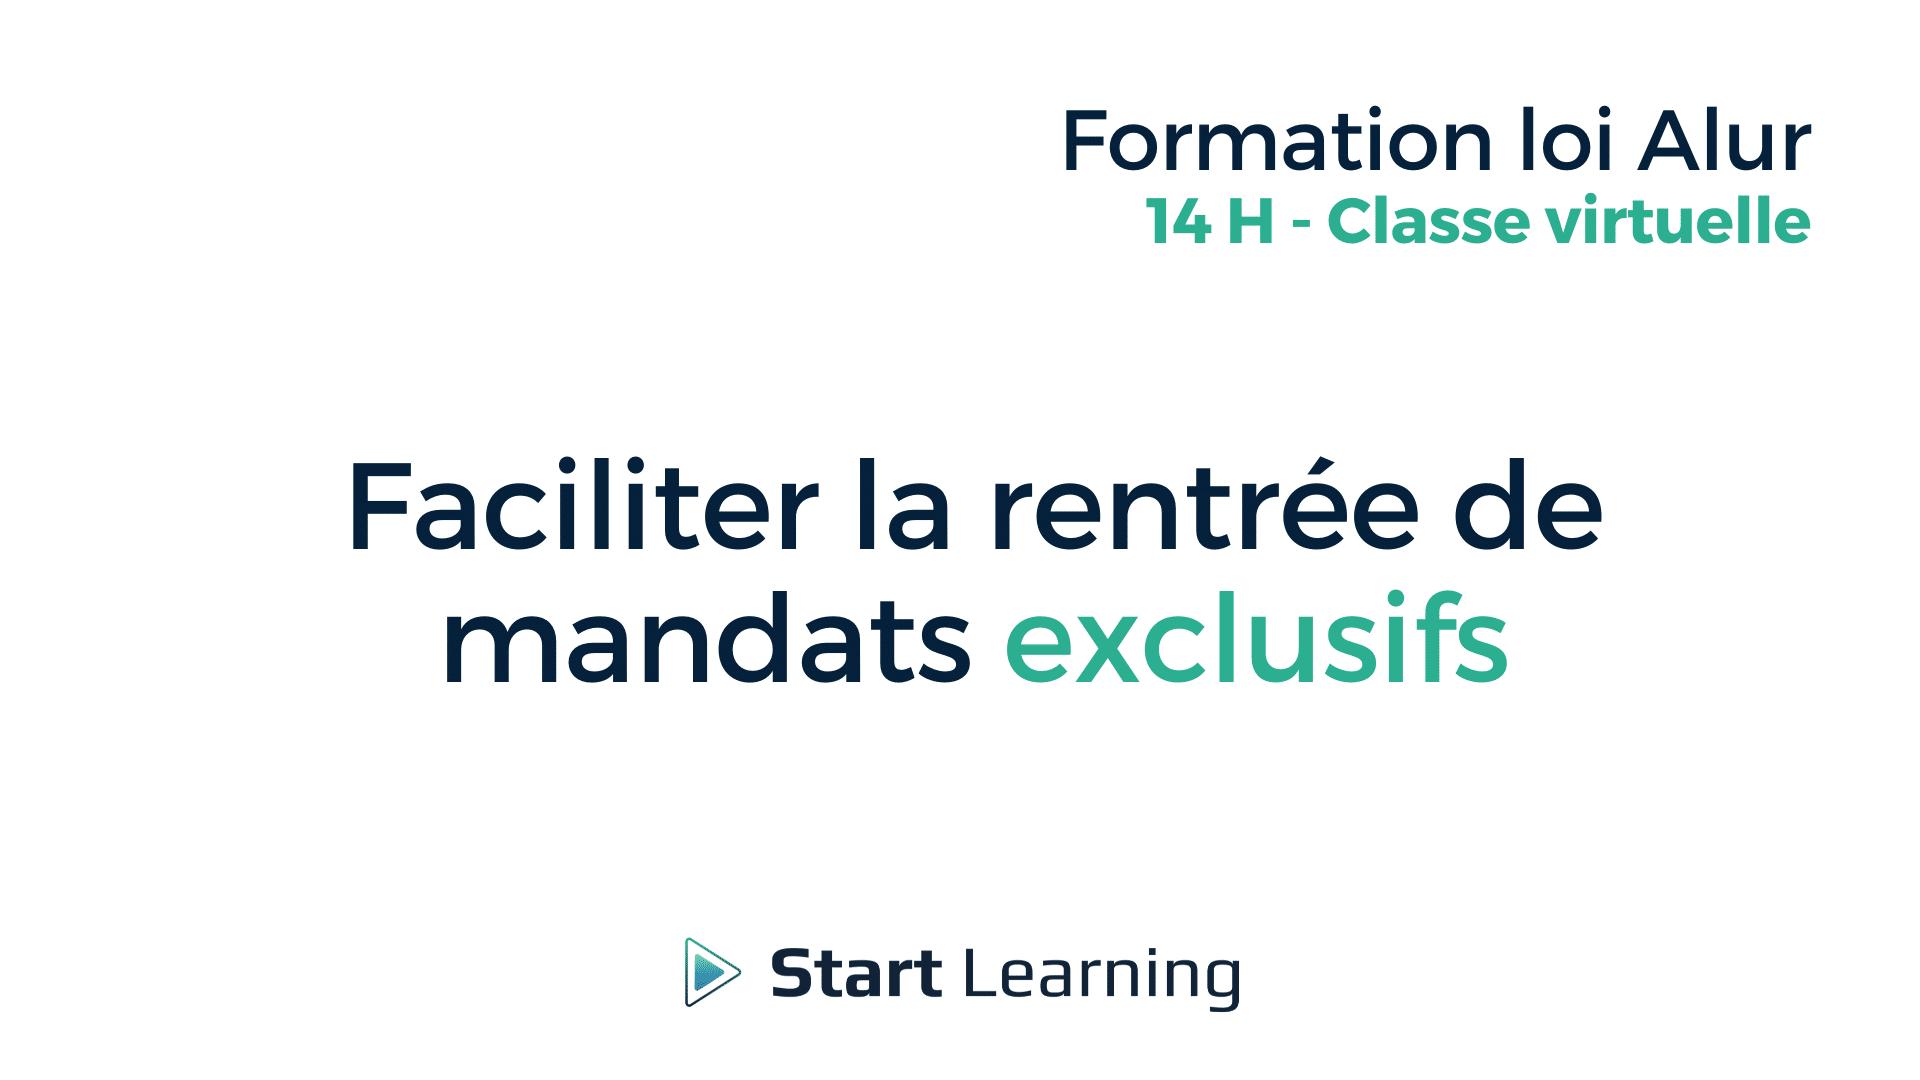 Formation loi Alur Classe Virtuelle - Faciliter la rentrée de mandats exclusifs